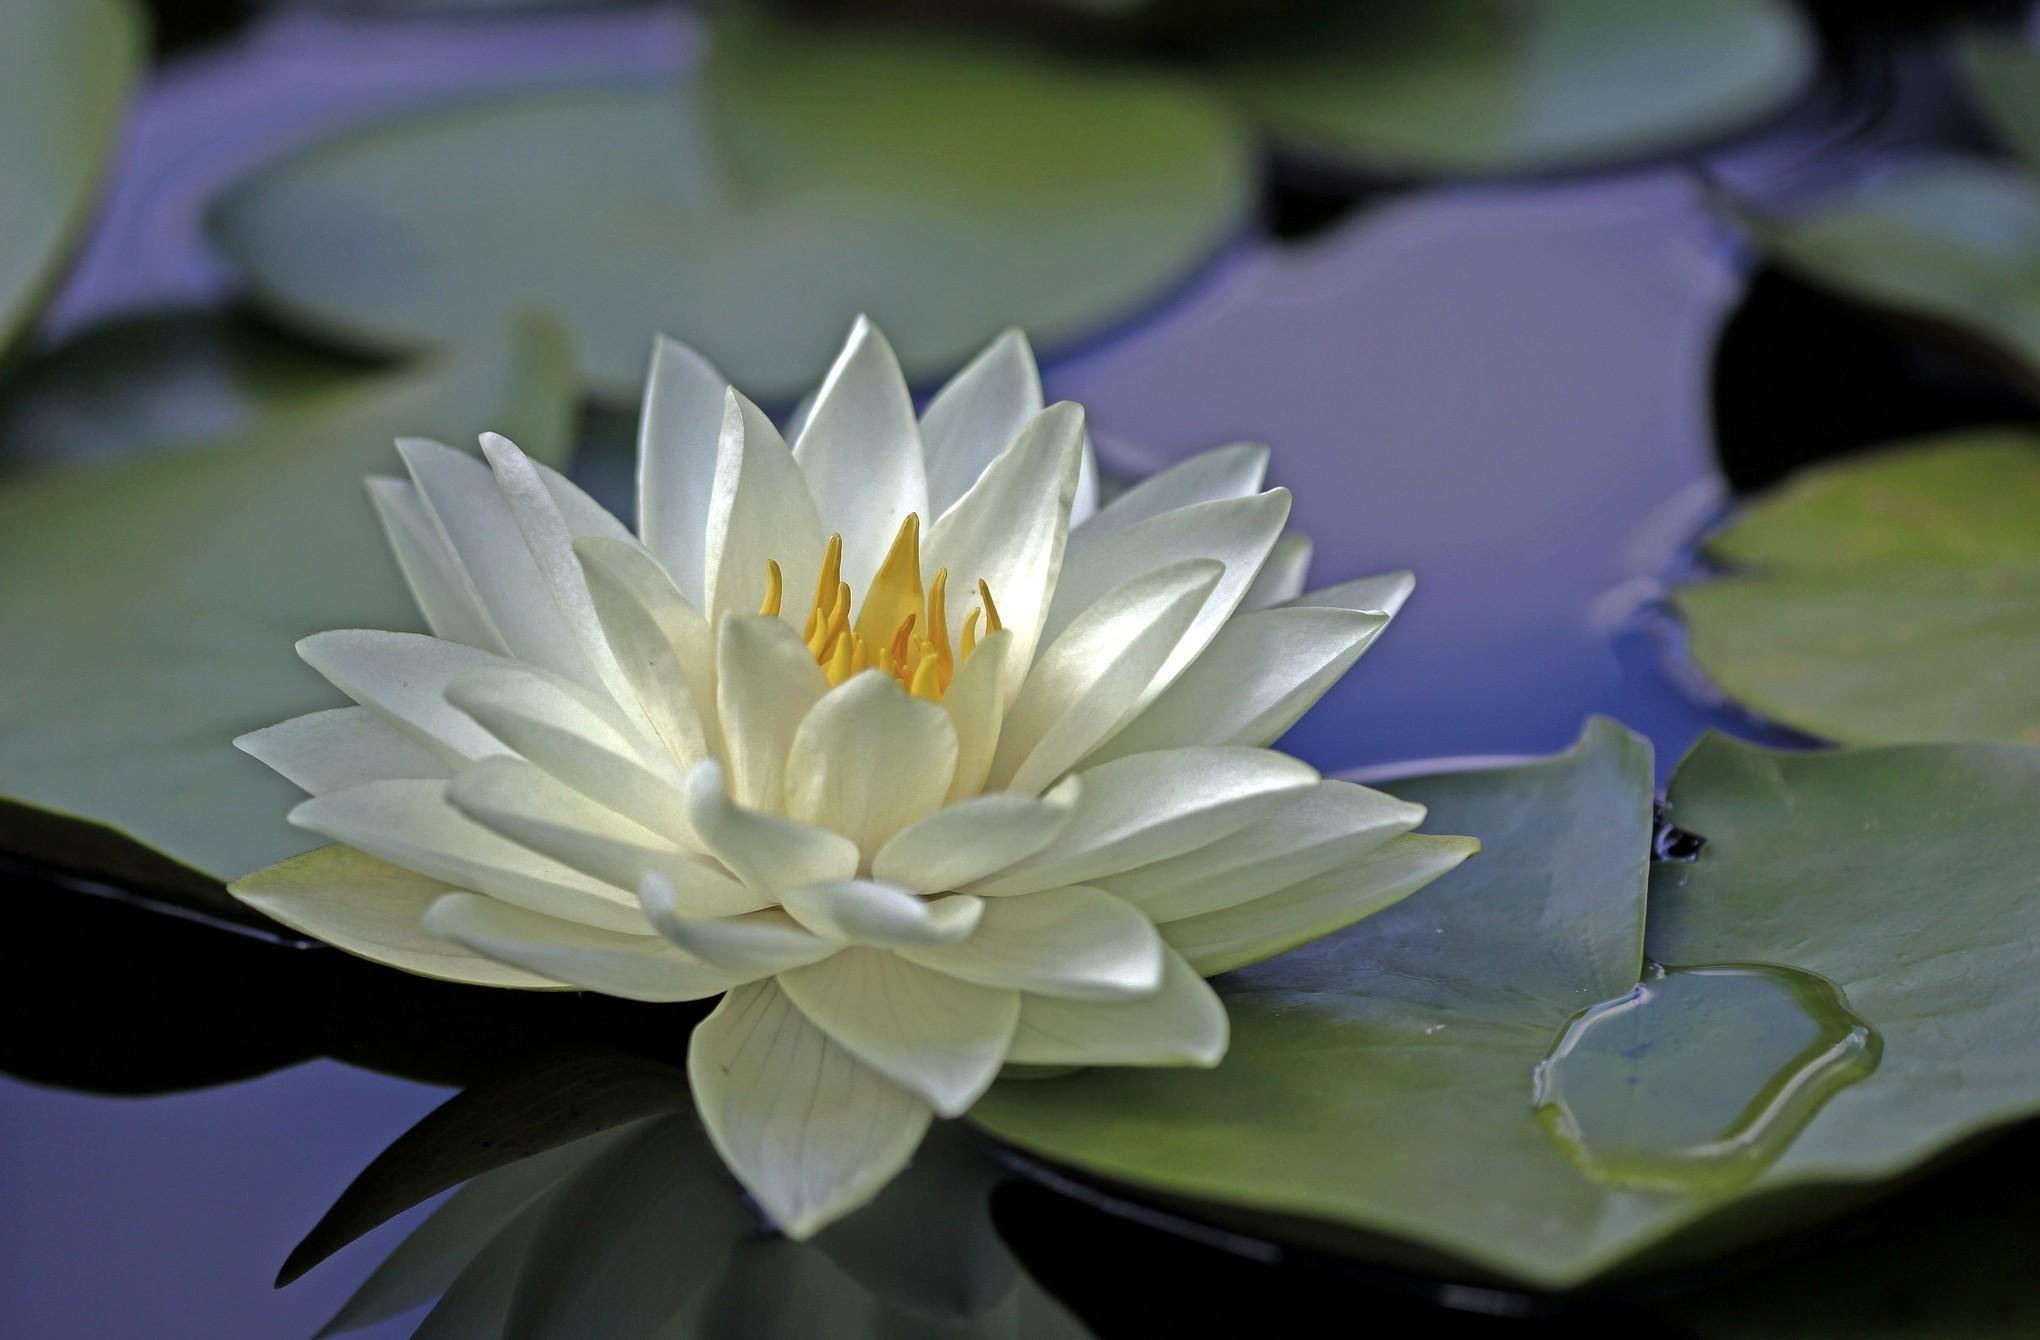 фото картинки белых лилий на воде приготовления грибной поляны